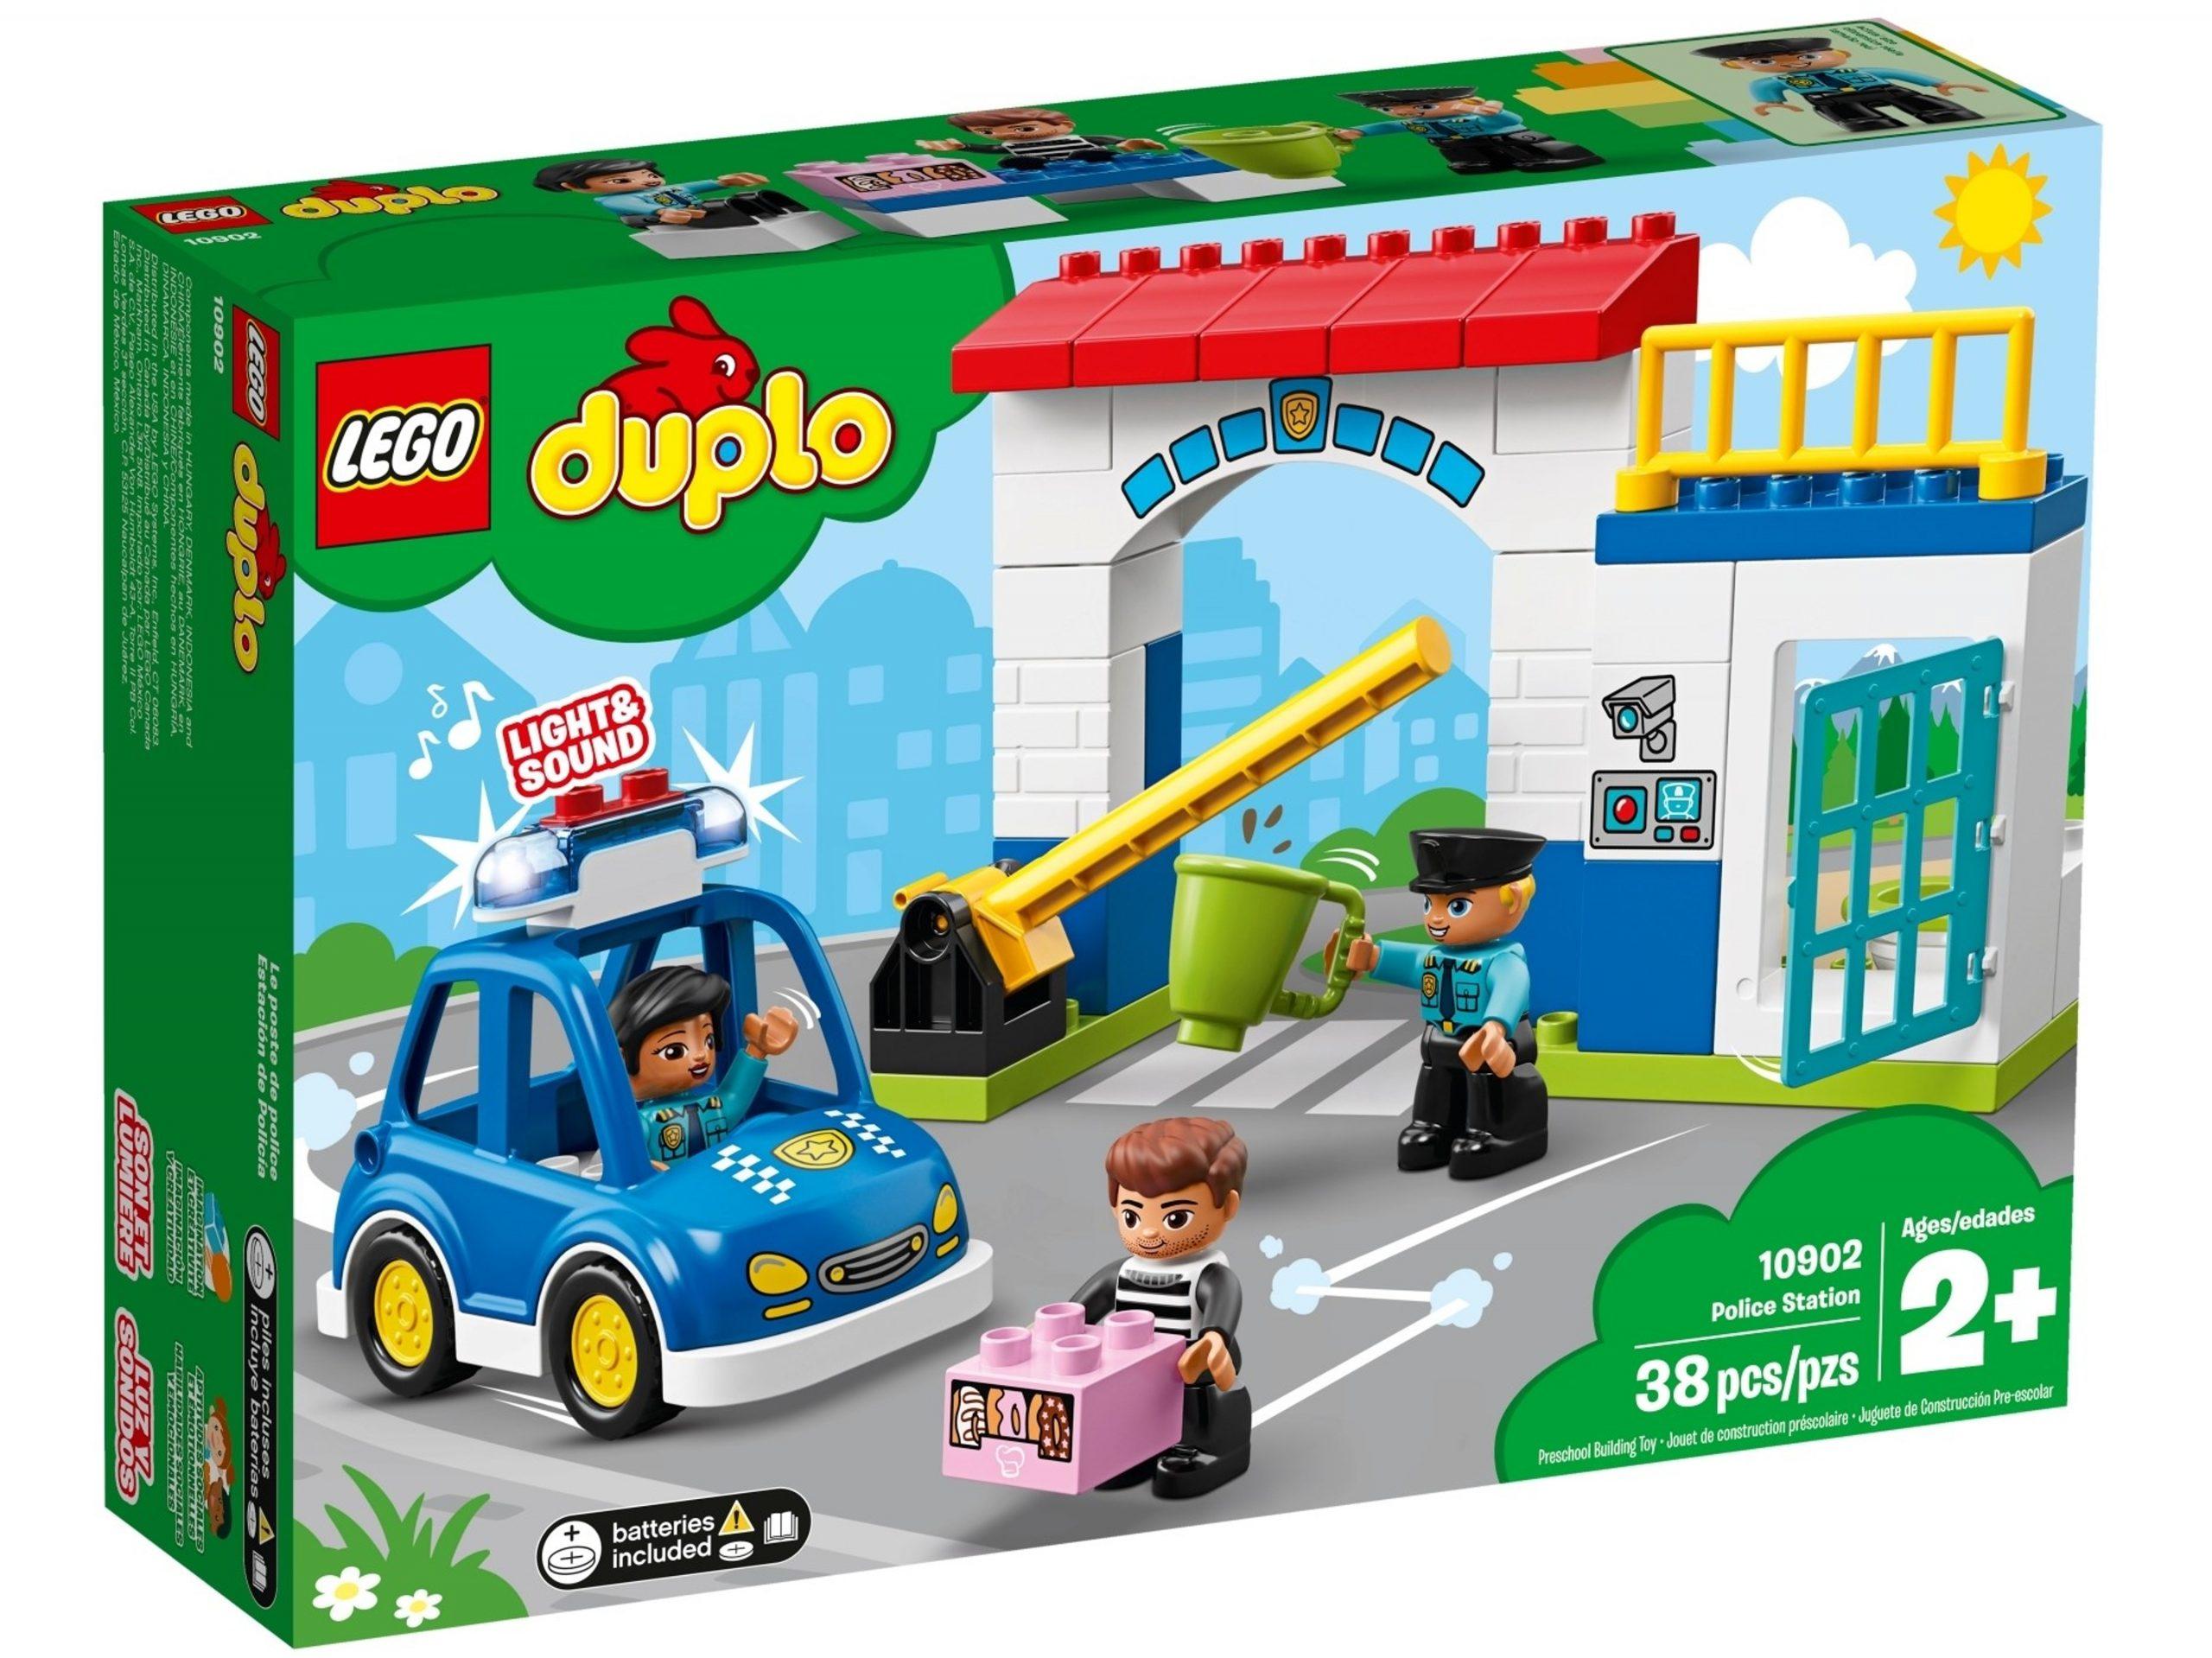 lego 10902 police station scaled